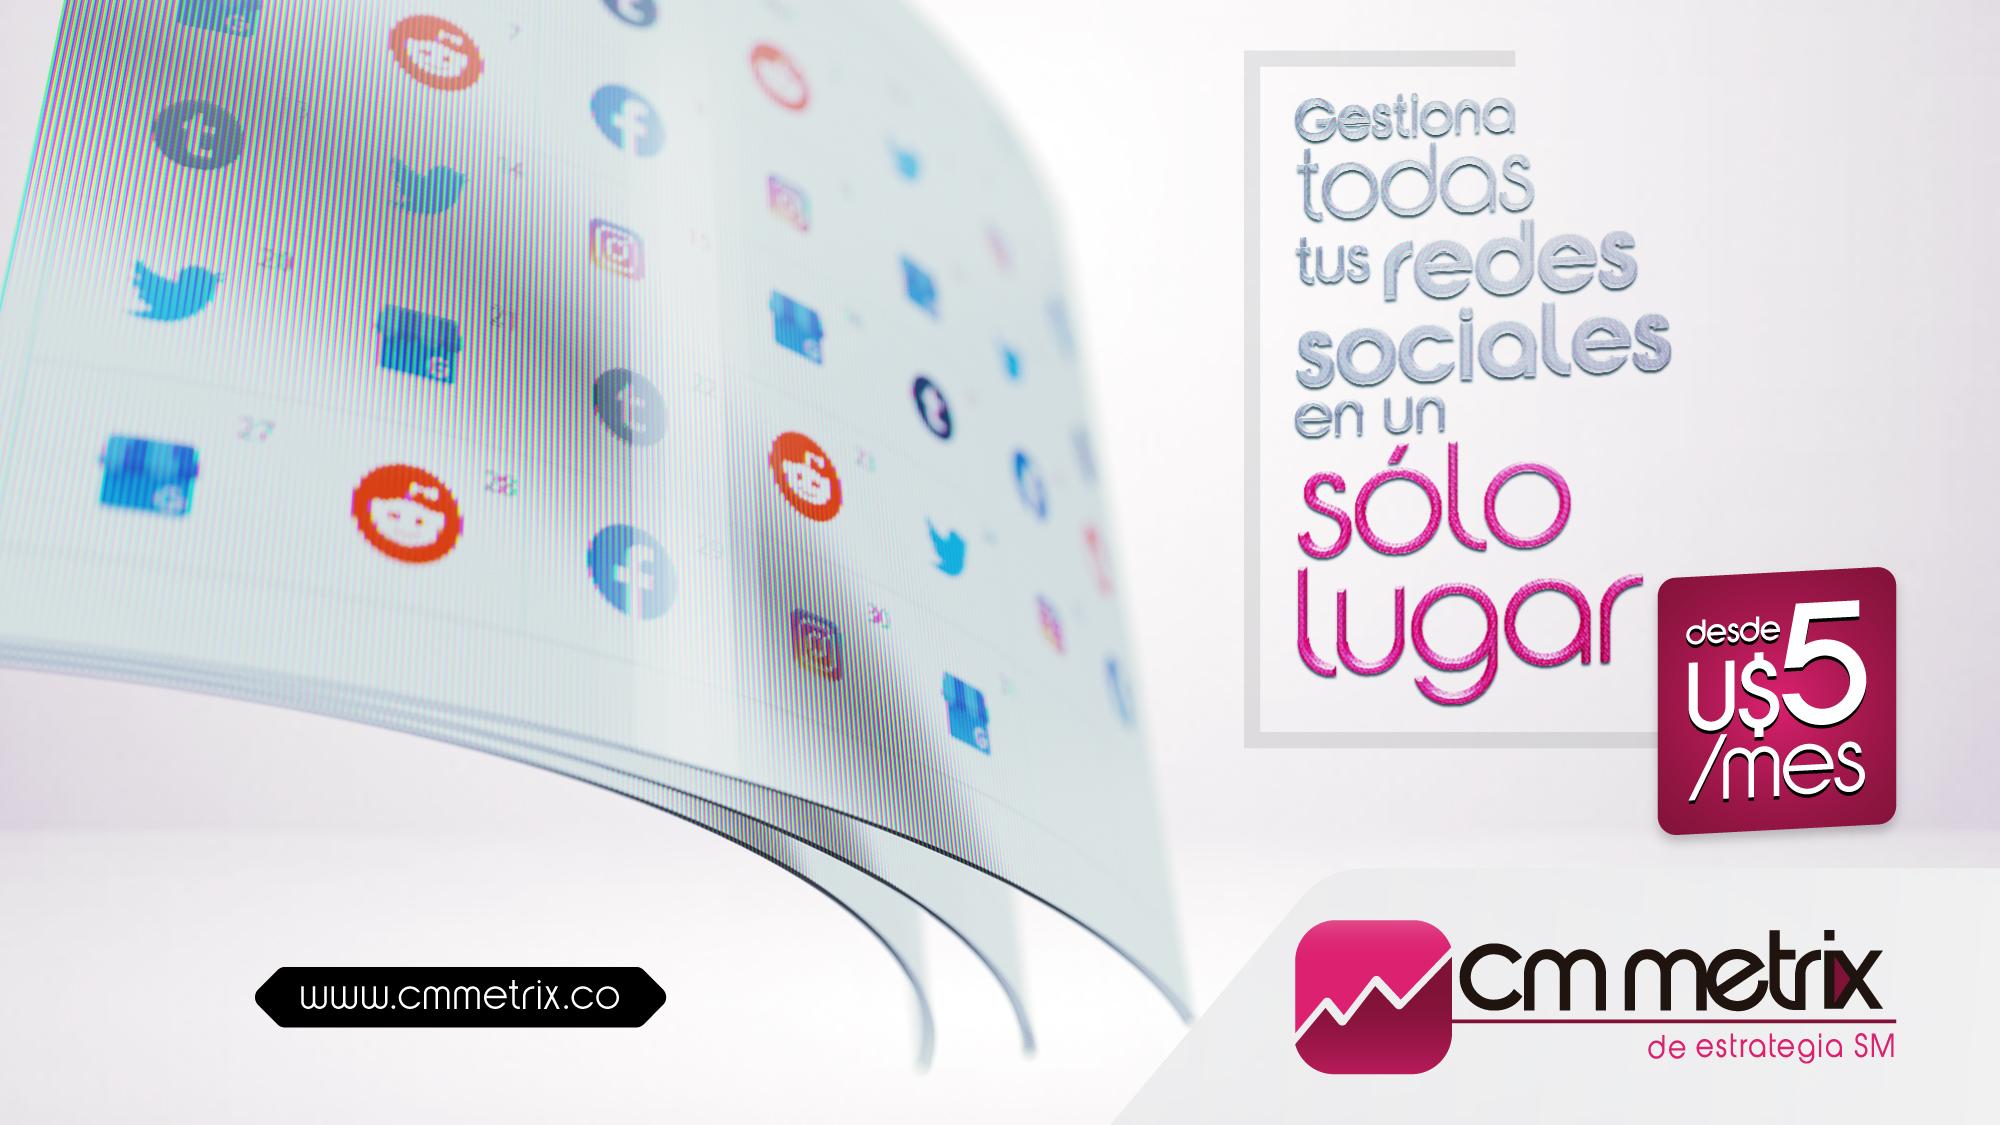 Herramienta de gestión de redes sociales